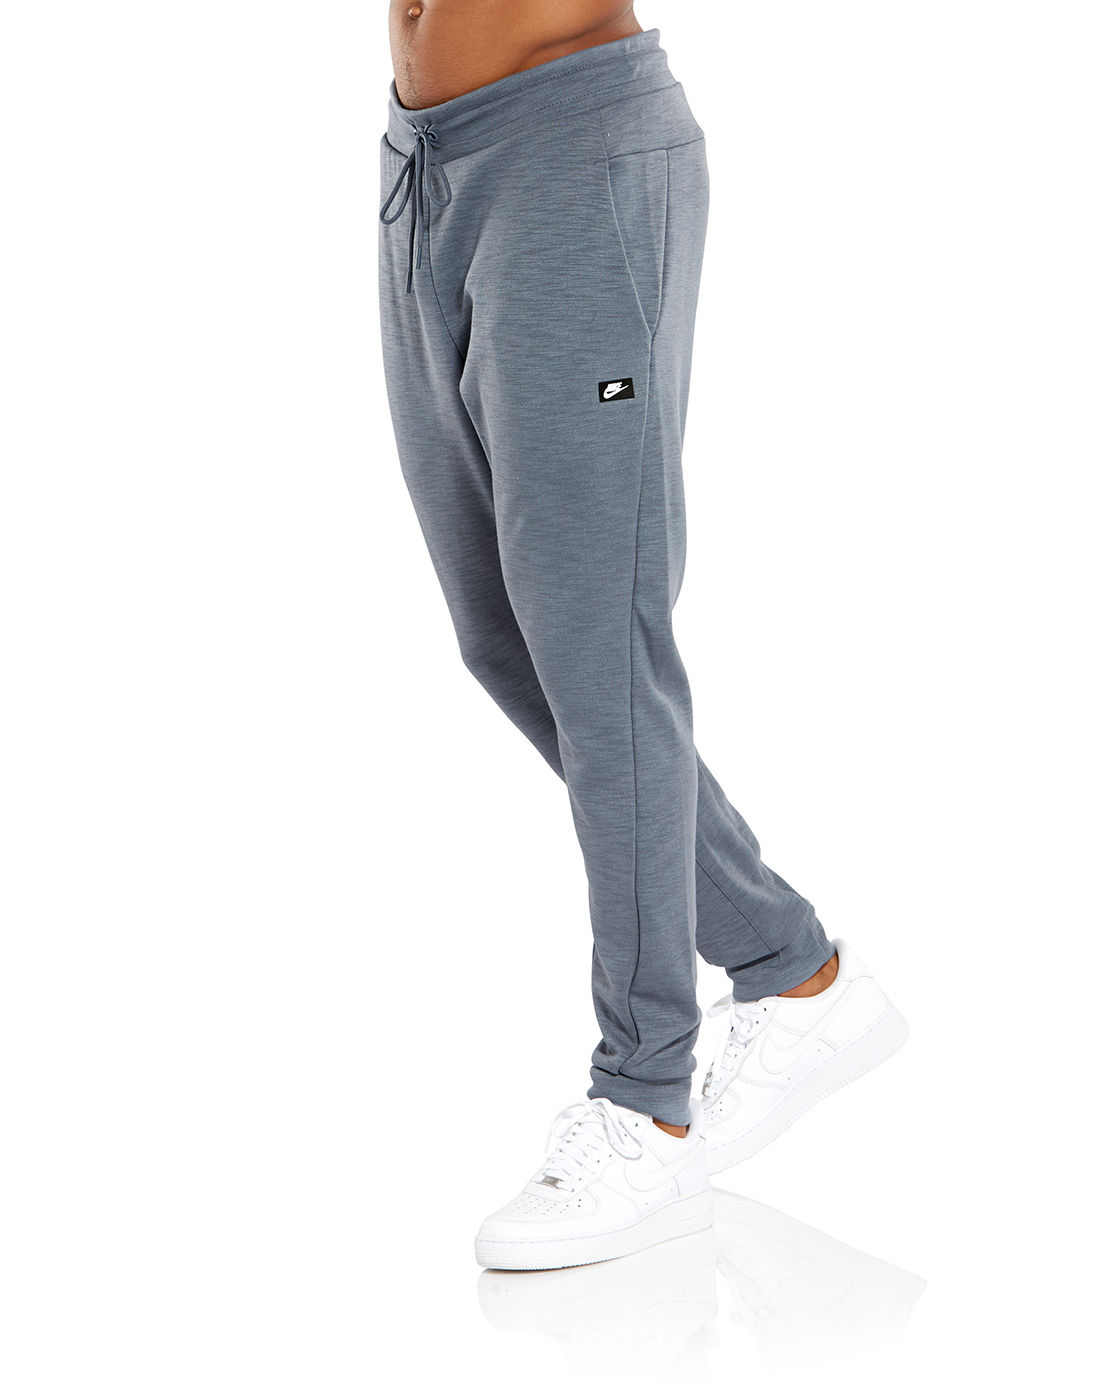 36e17b41c8e7 Men's Blue Nike Optic Joggers   Life Style Sports